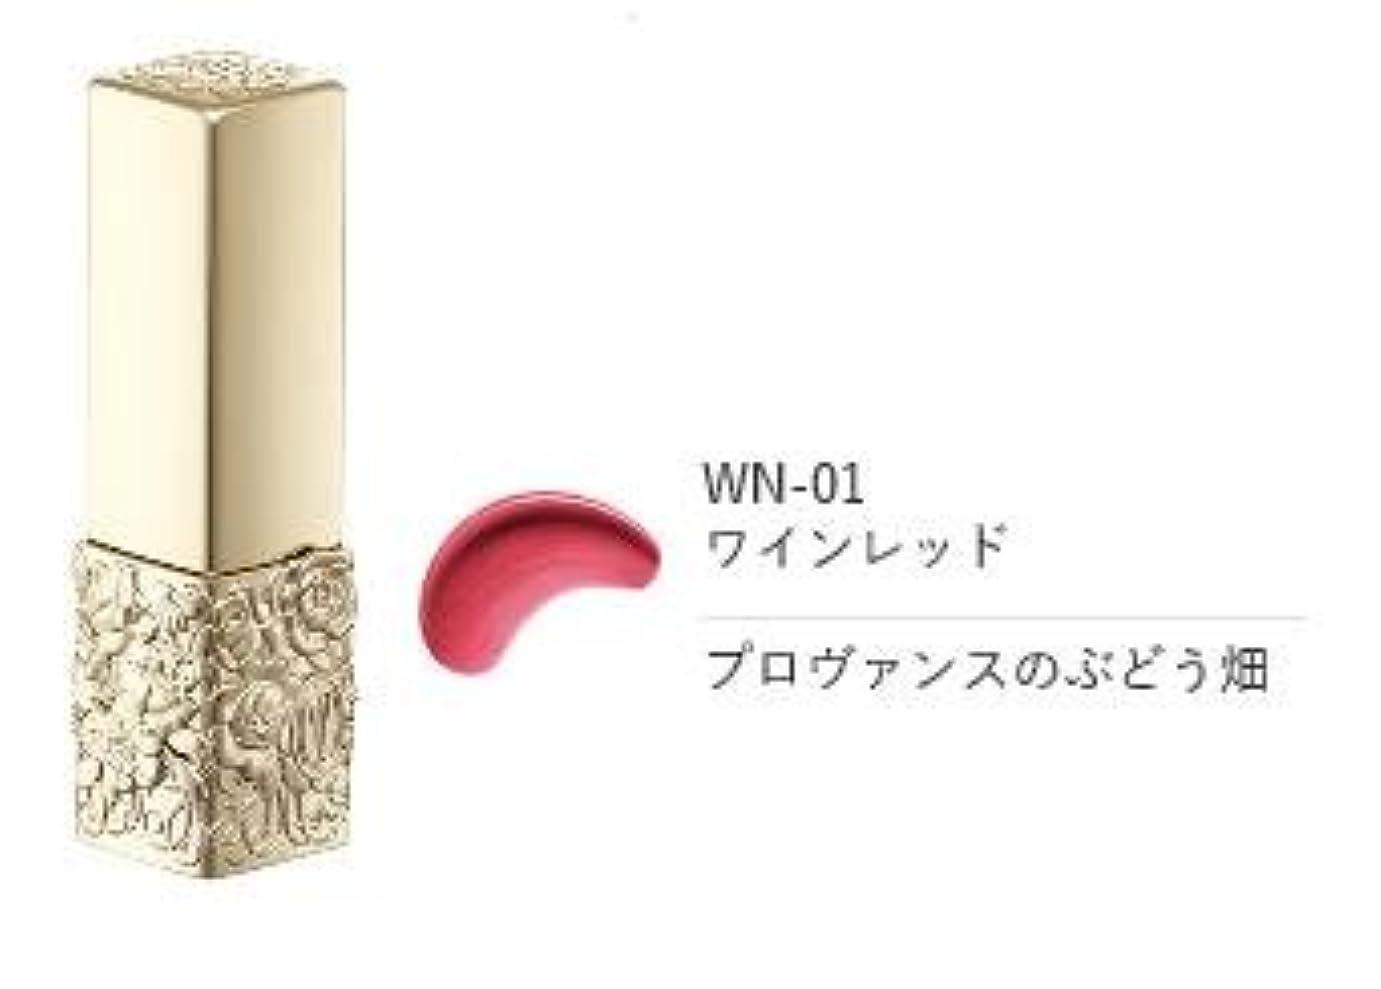 ショップ規制するミサイルトワニー ララブーケルージュグロッシー WN-01